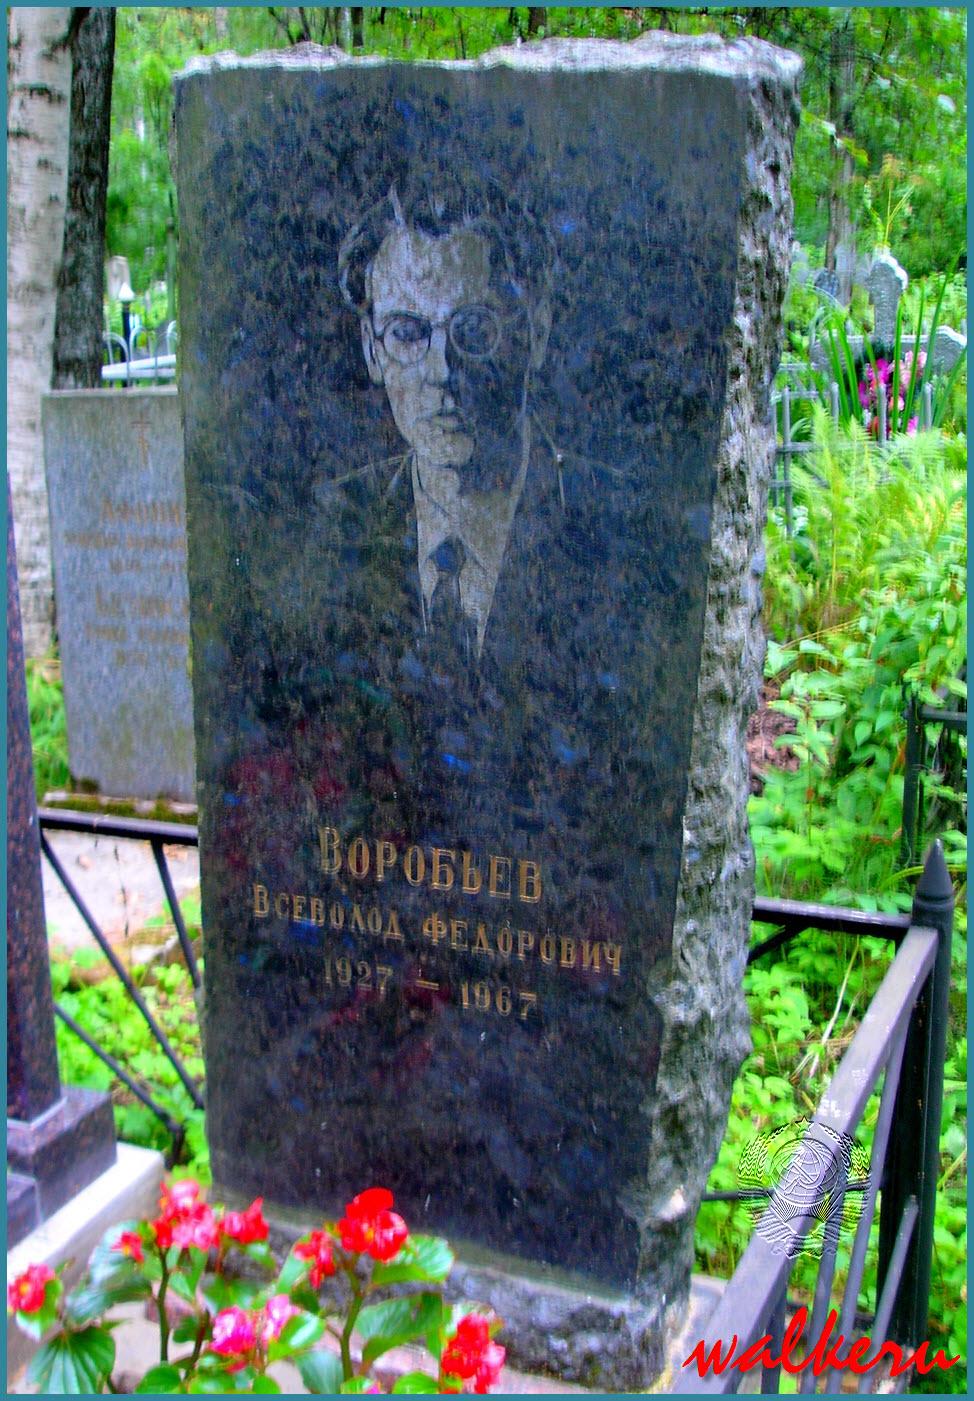 Могила Воробьева В.Ф. на Большеохтинском кладбище